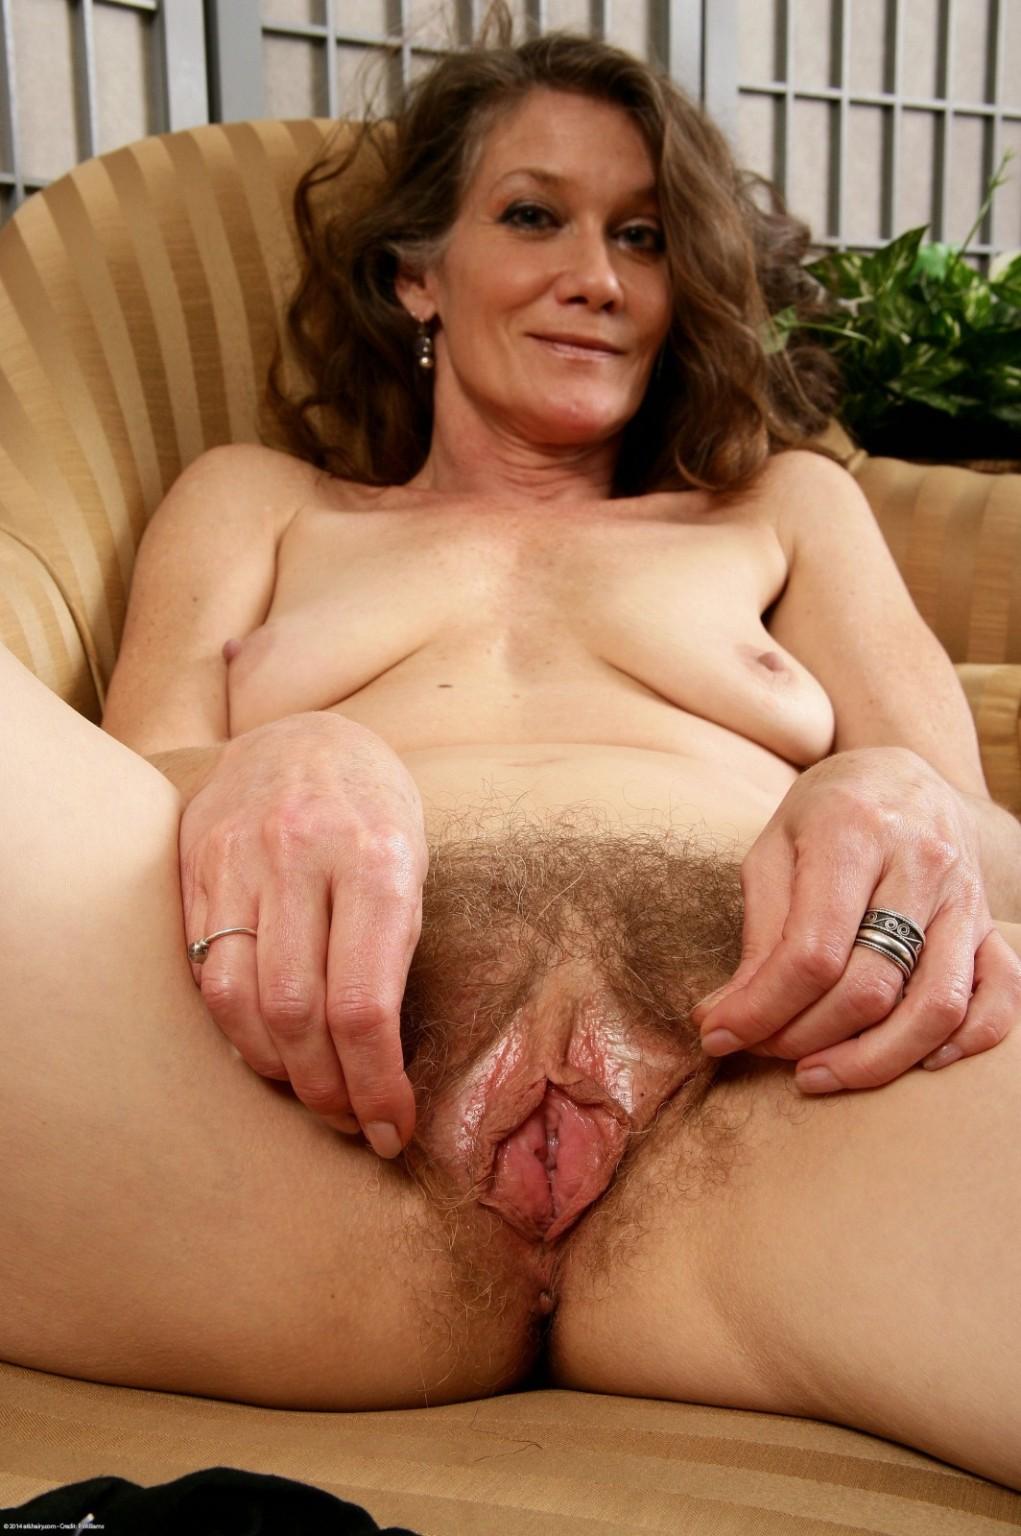 big giant dildo